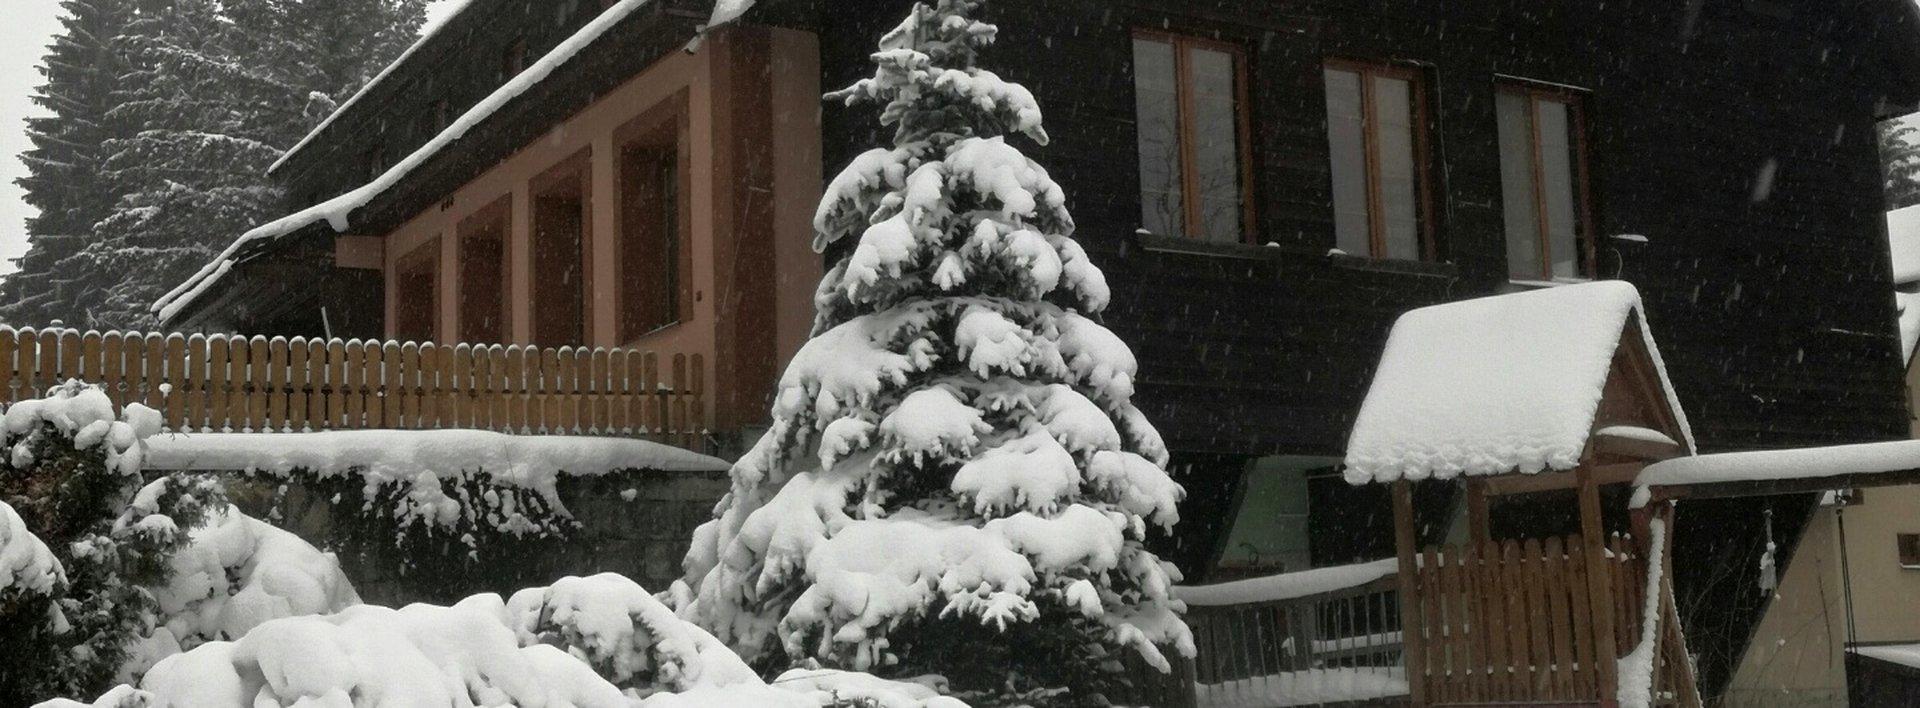 Penzion Alberto v Jizerských horách, Ev.č.: N48531